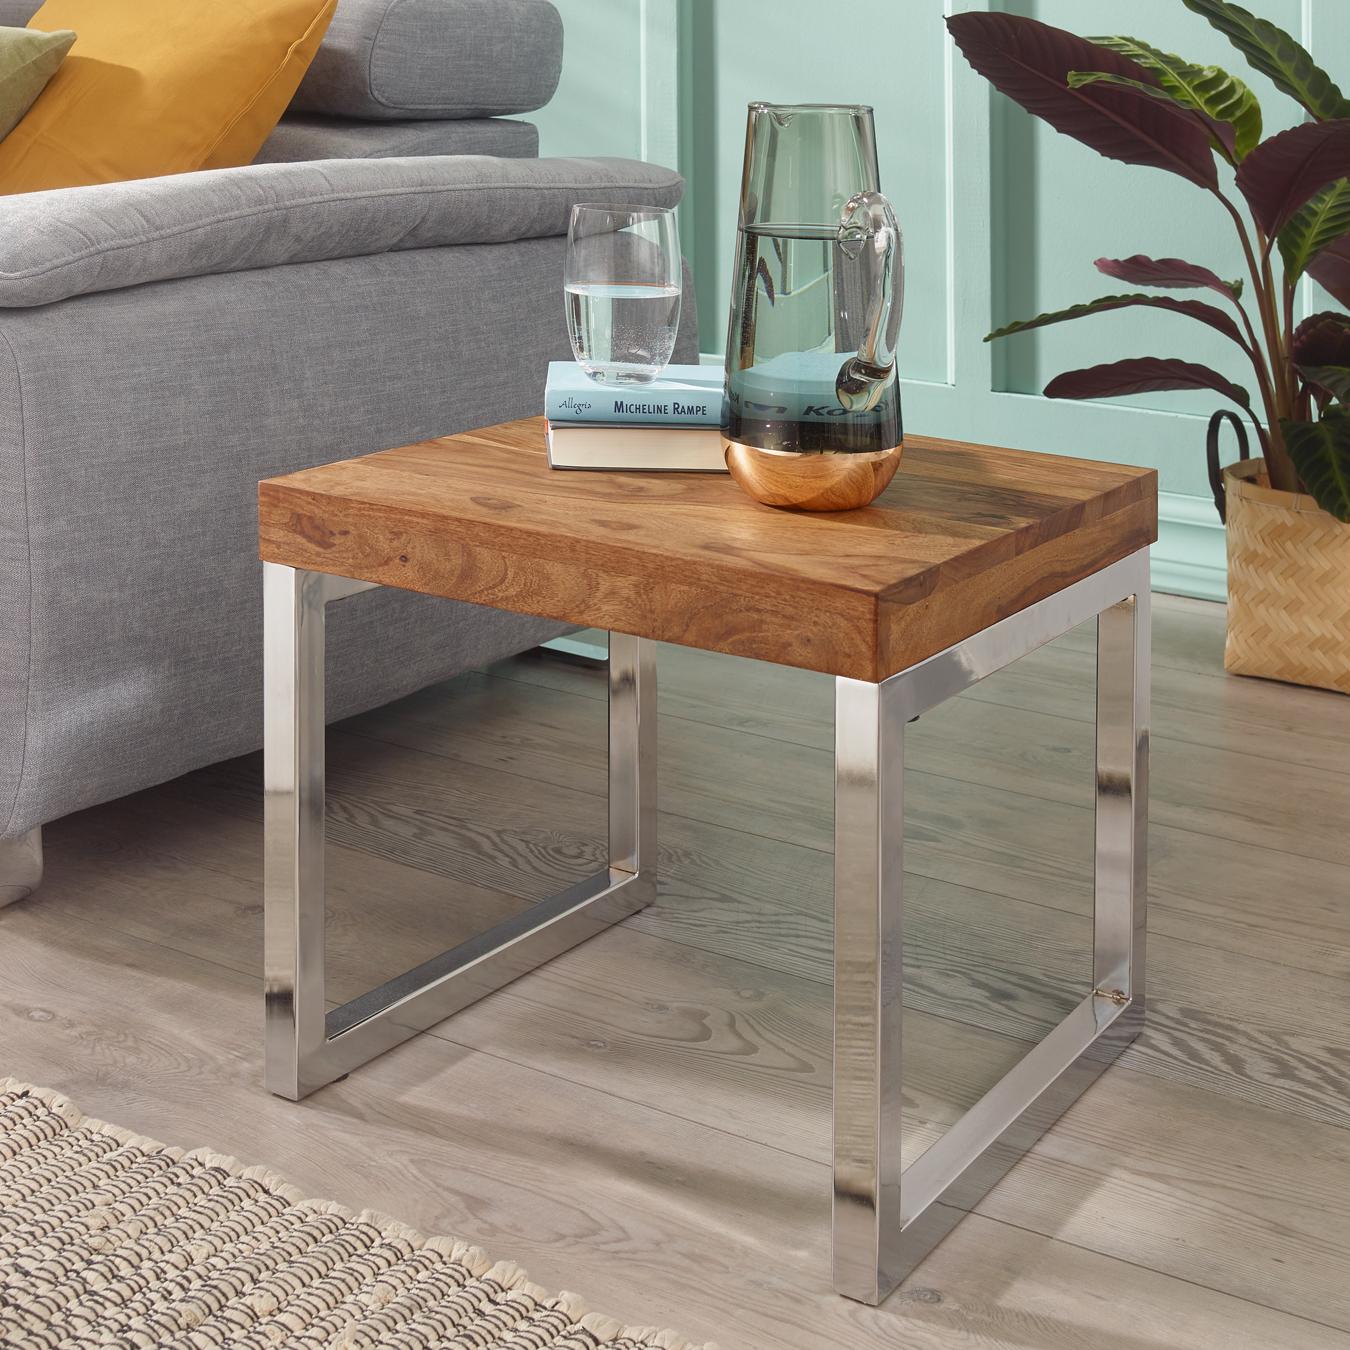 FineBuy Beistelltisch Massiv-Holz Sheesham Wohnzimmer-Tisch Metallgestell  Couchtisch Landhaus-Stil dunkelbraun 20 cm Natur-Produkt Wohnzimmermöbel